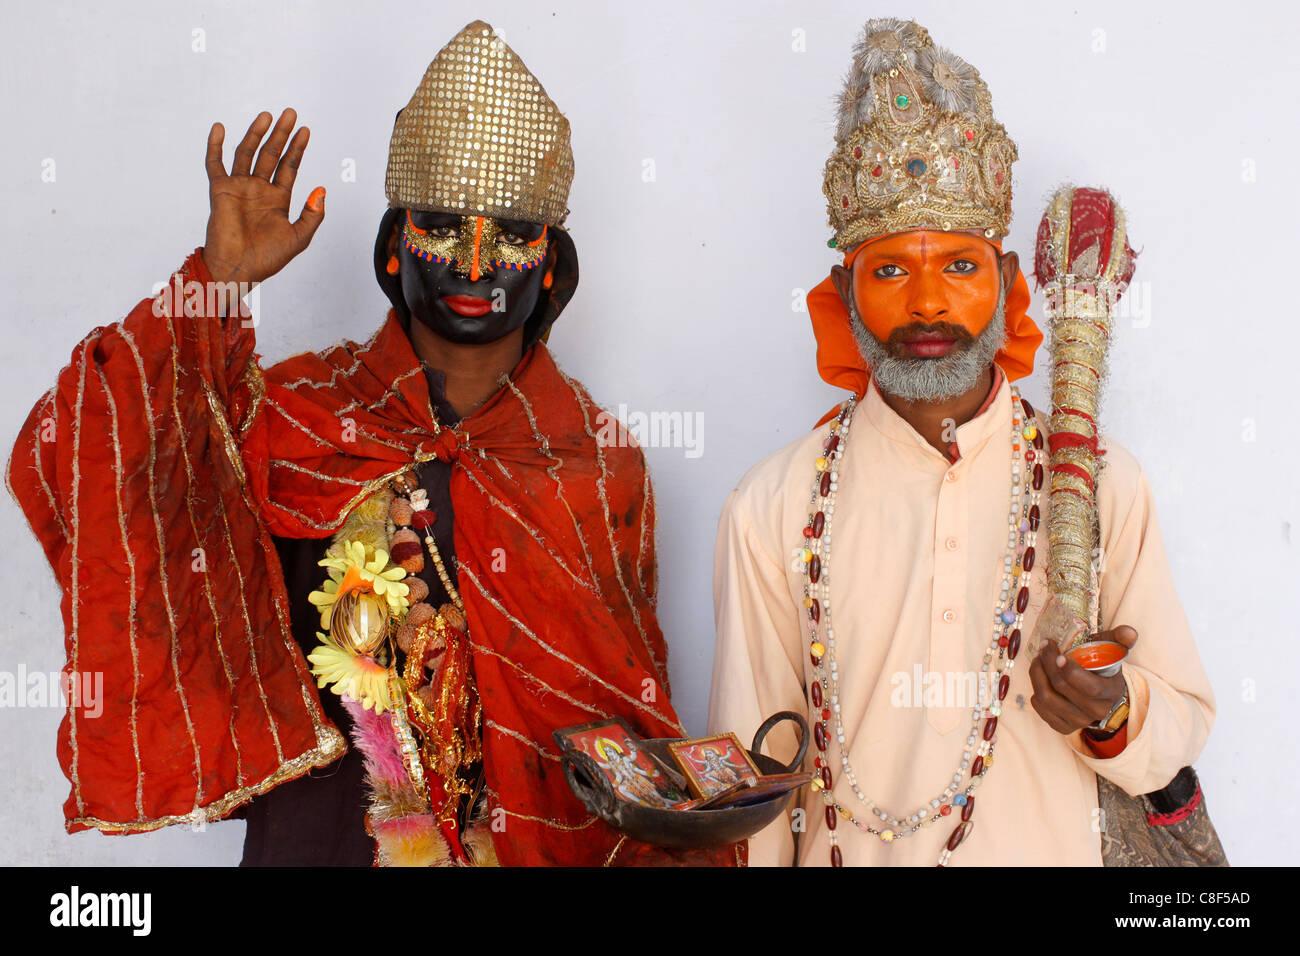 Female sadhu (sadhvia) impersonating goddess Kali & male sadhu impersonating god Hanuman at Haridwar Kumbh Mela, - Stock Image